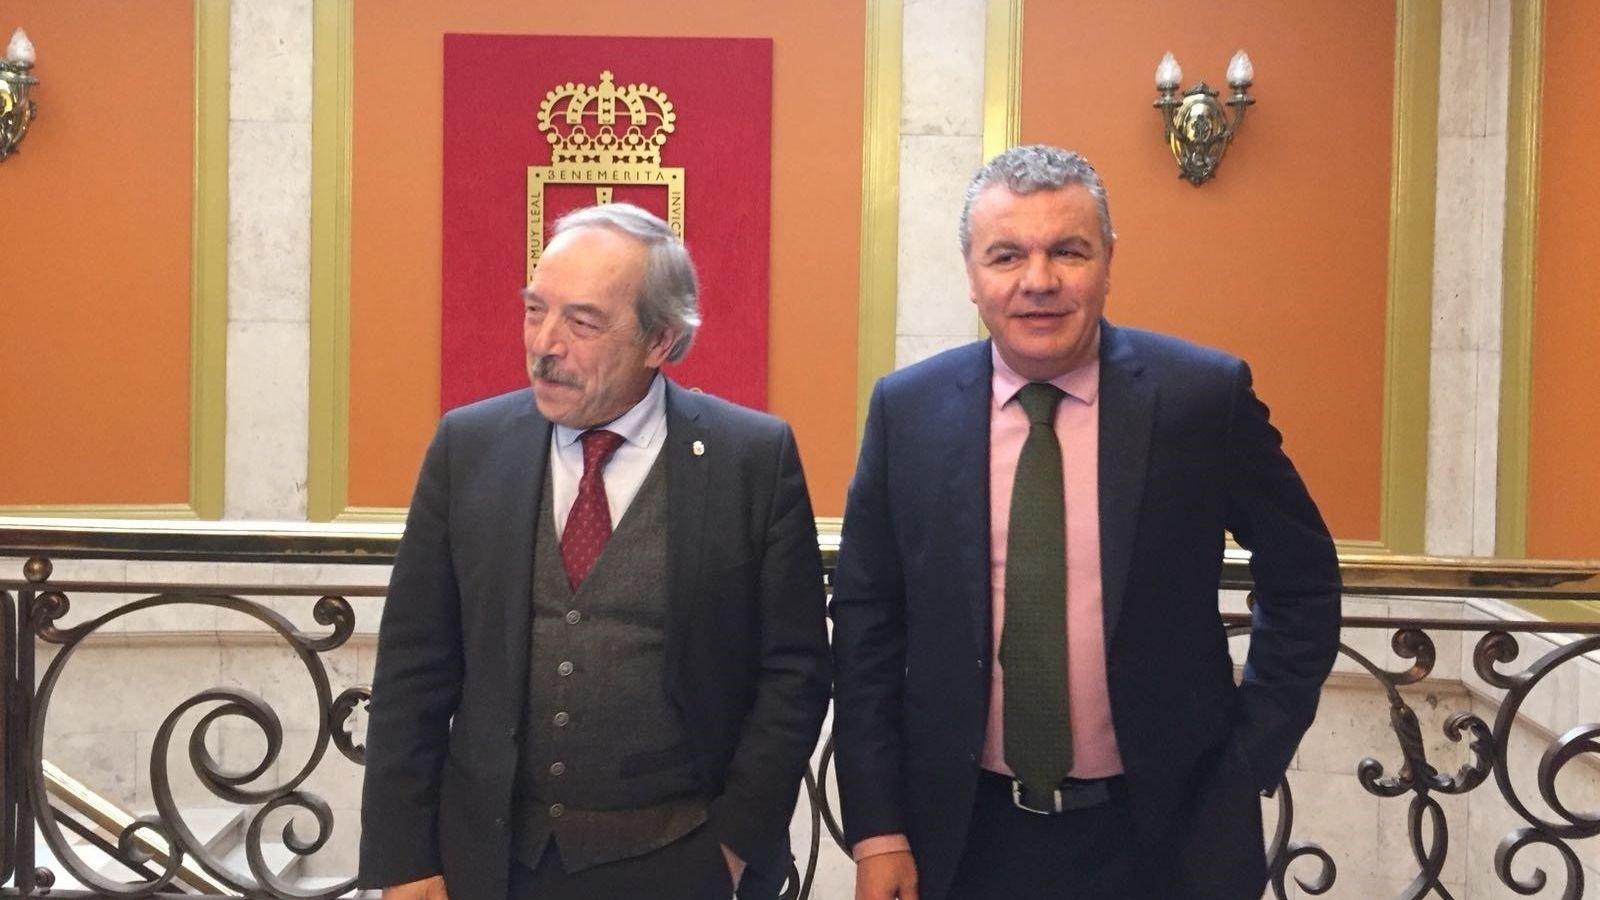 Belarmino Feito y Wenceslao López.Consejo ejecutivo de FADE